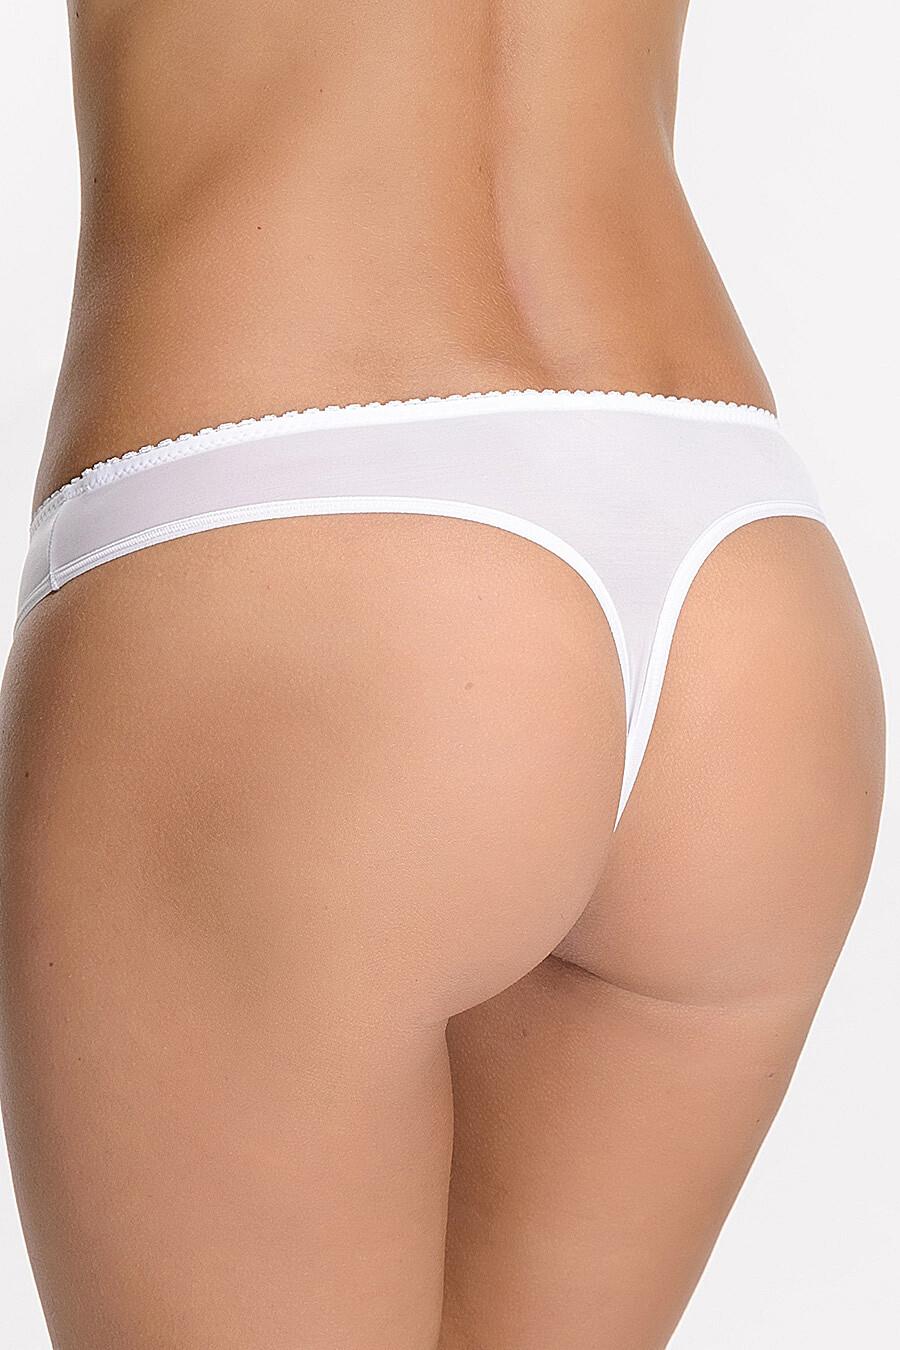 Трусы для женщин MILADY 247675 купить оптом от производителя. Совместная покупка женской одежды в OptMoyo